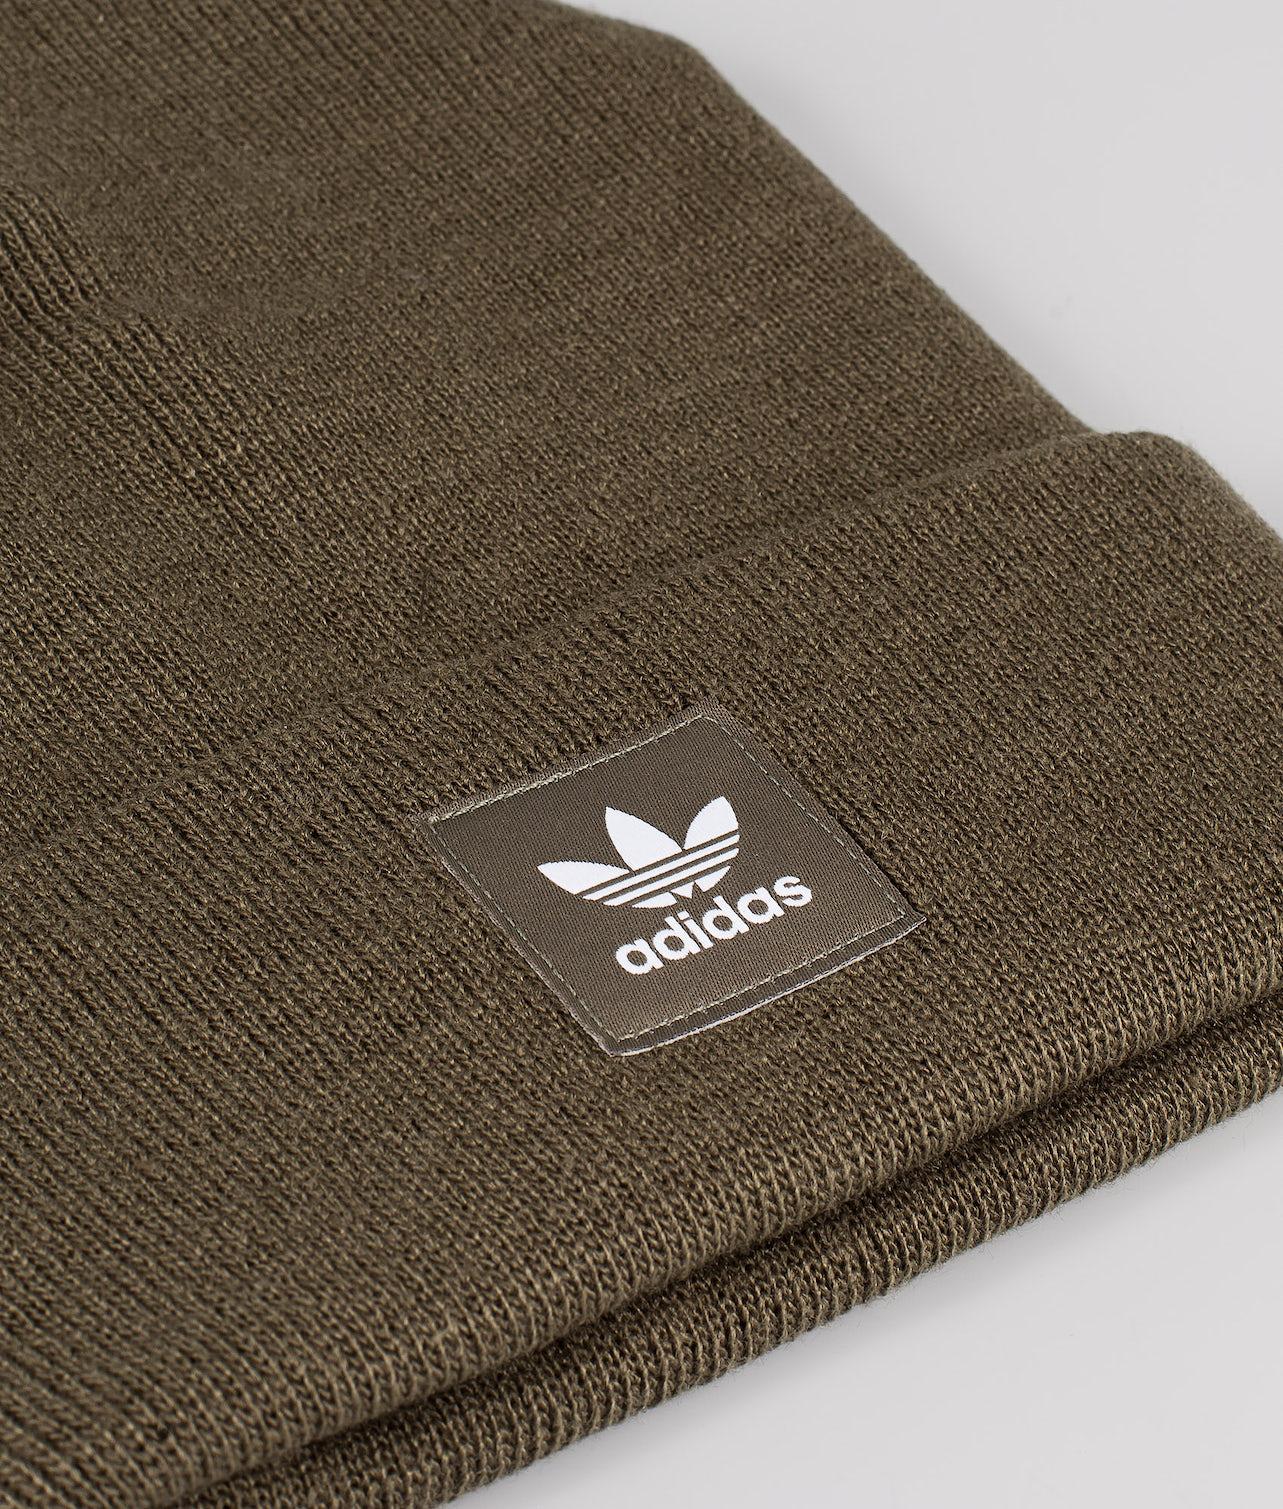 Adicolor Cuff Knit | Achète des Bonnet de chez Adidas Originals sur Ridestore.fr | Bien-sûr, les frais de ports sont offerts et les retours gratuits pendant 30 jours !